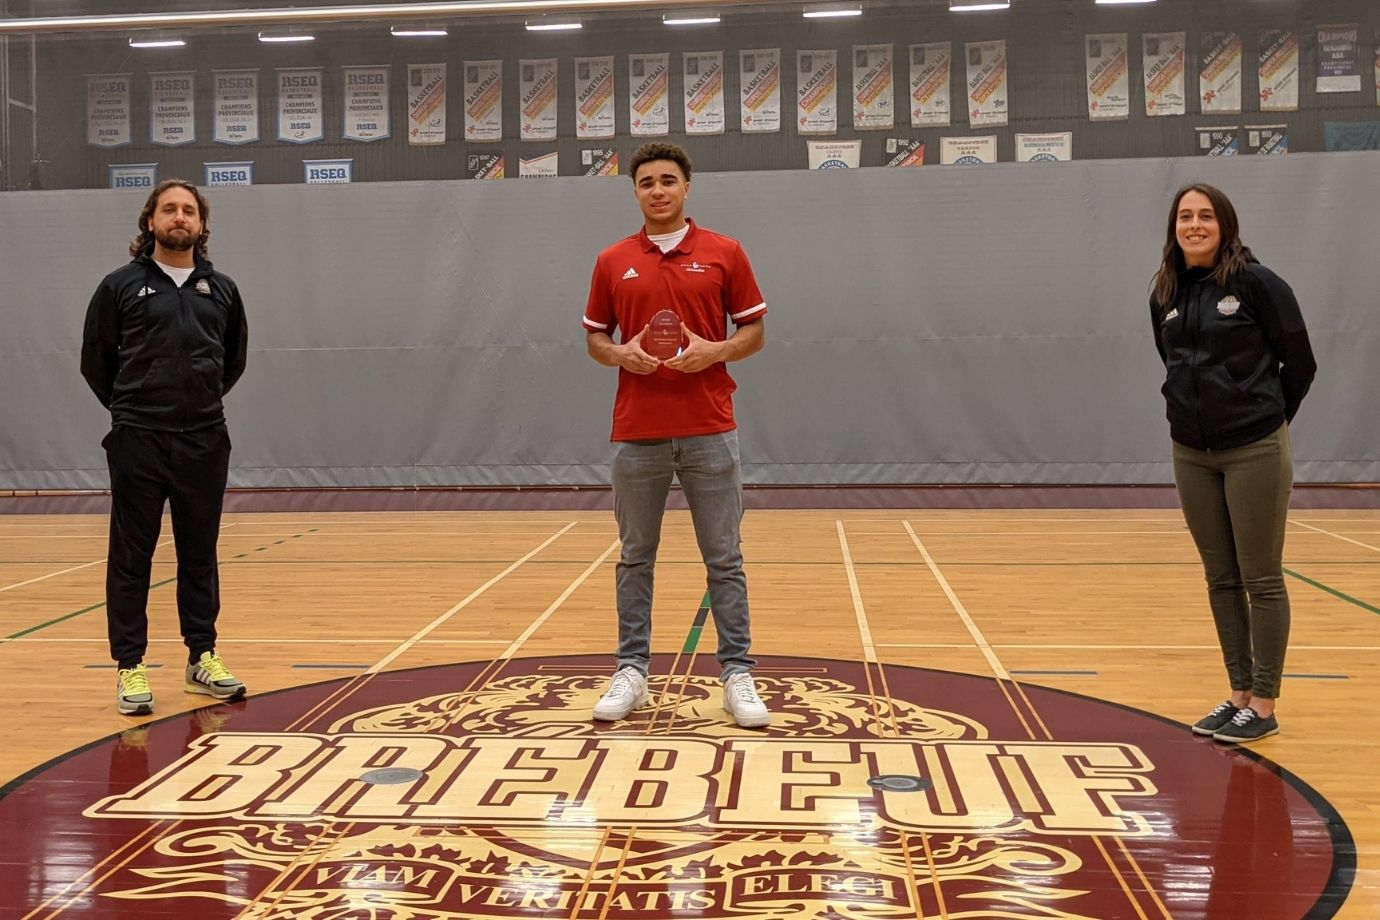 sebastien-lamaute-etudiant-athlete-basketball-excellence-pancanadien